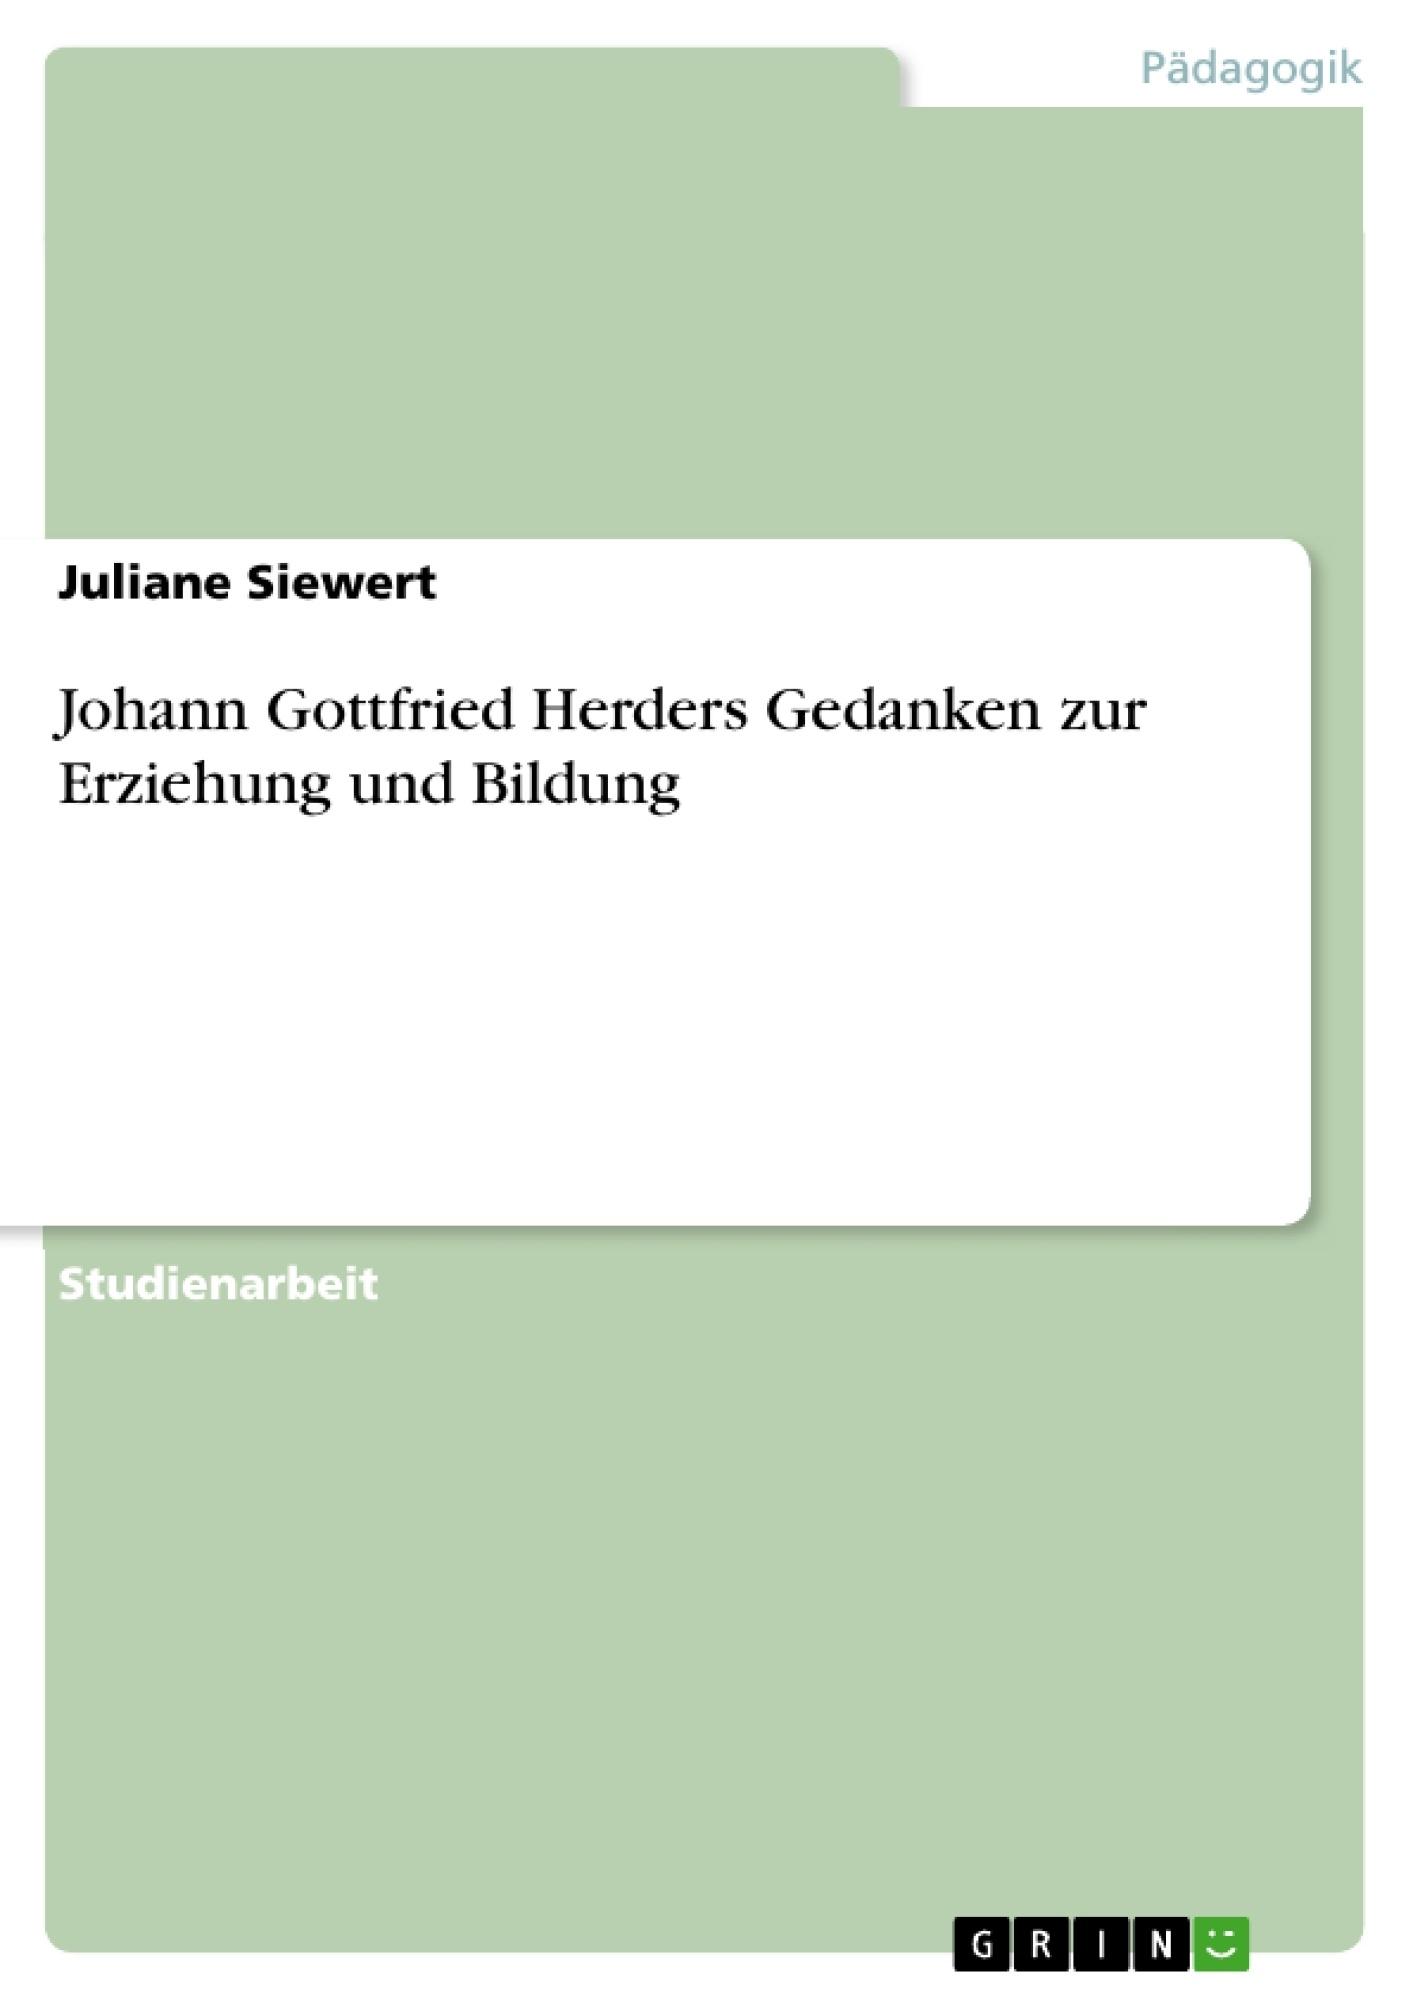 Titel: Johann Gottfried Herders Gedanken zur Erziehung und Bildung